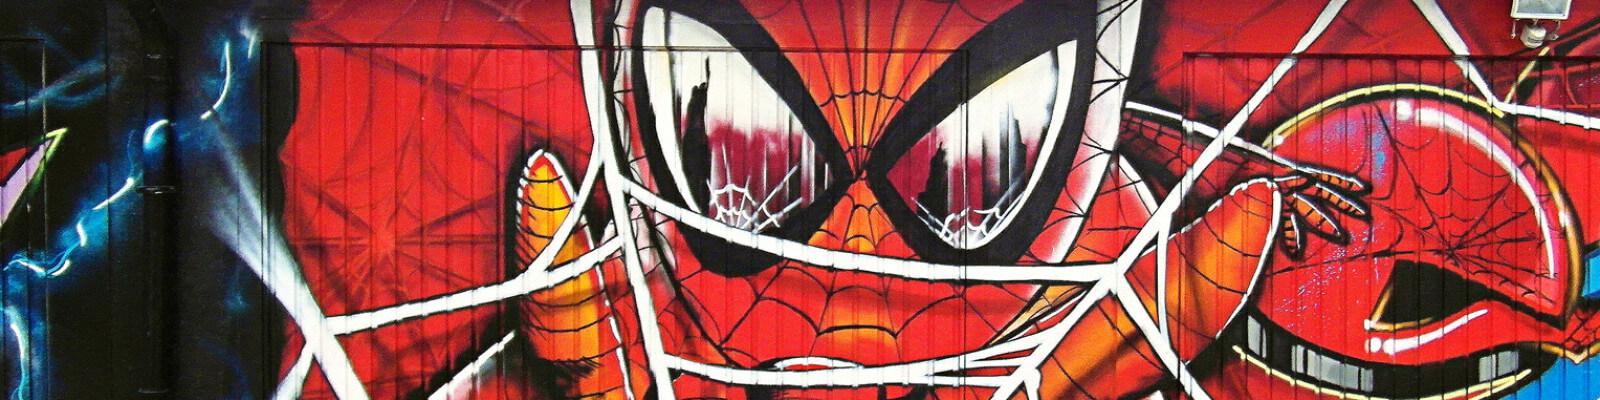 Graffiti Spiderman auf einer Garage in Gelsenkirchen